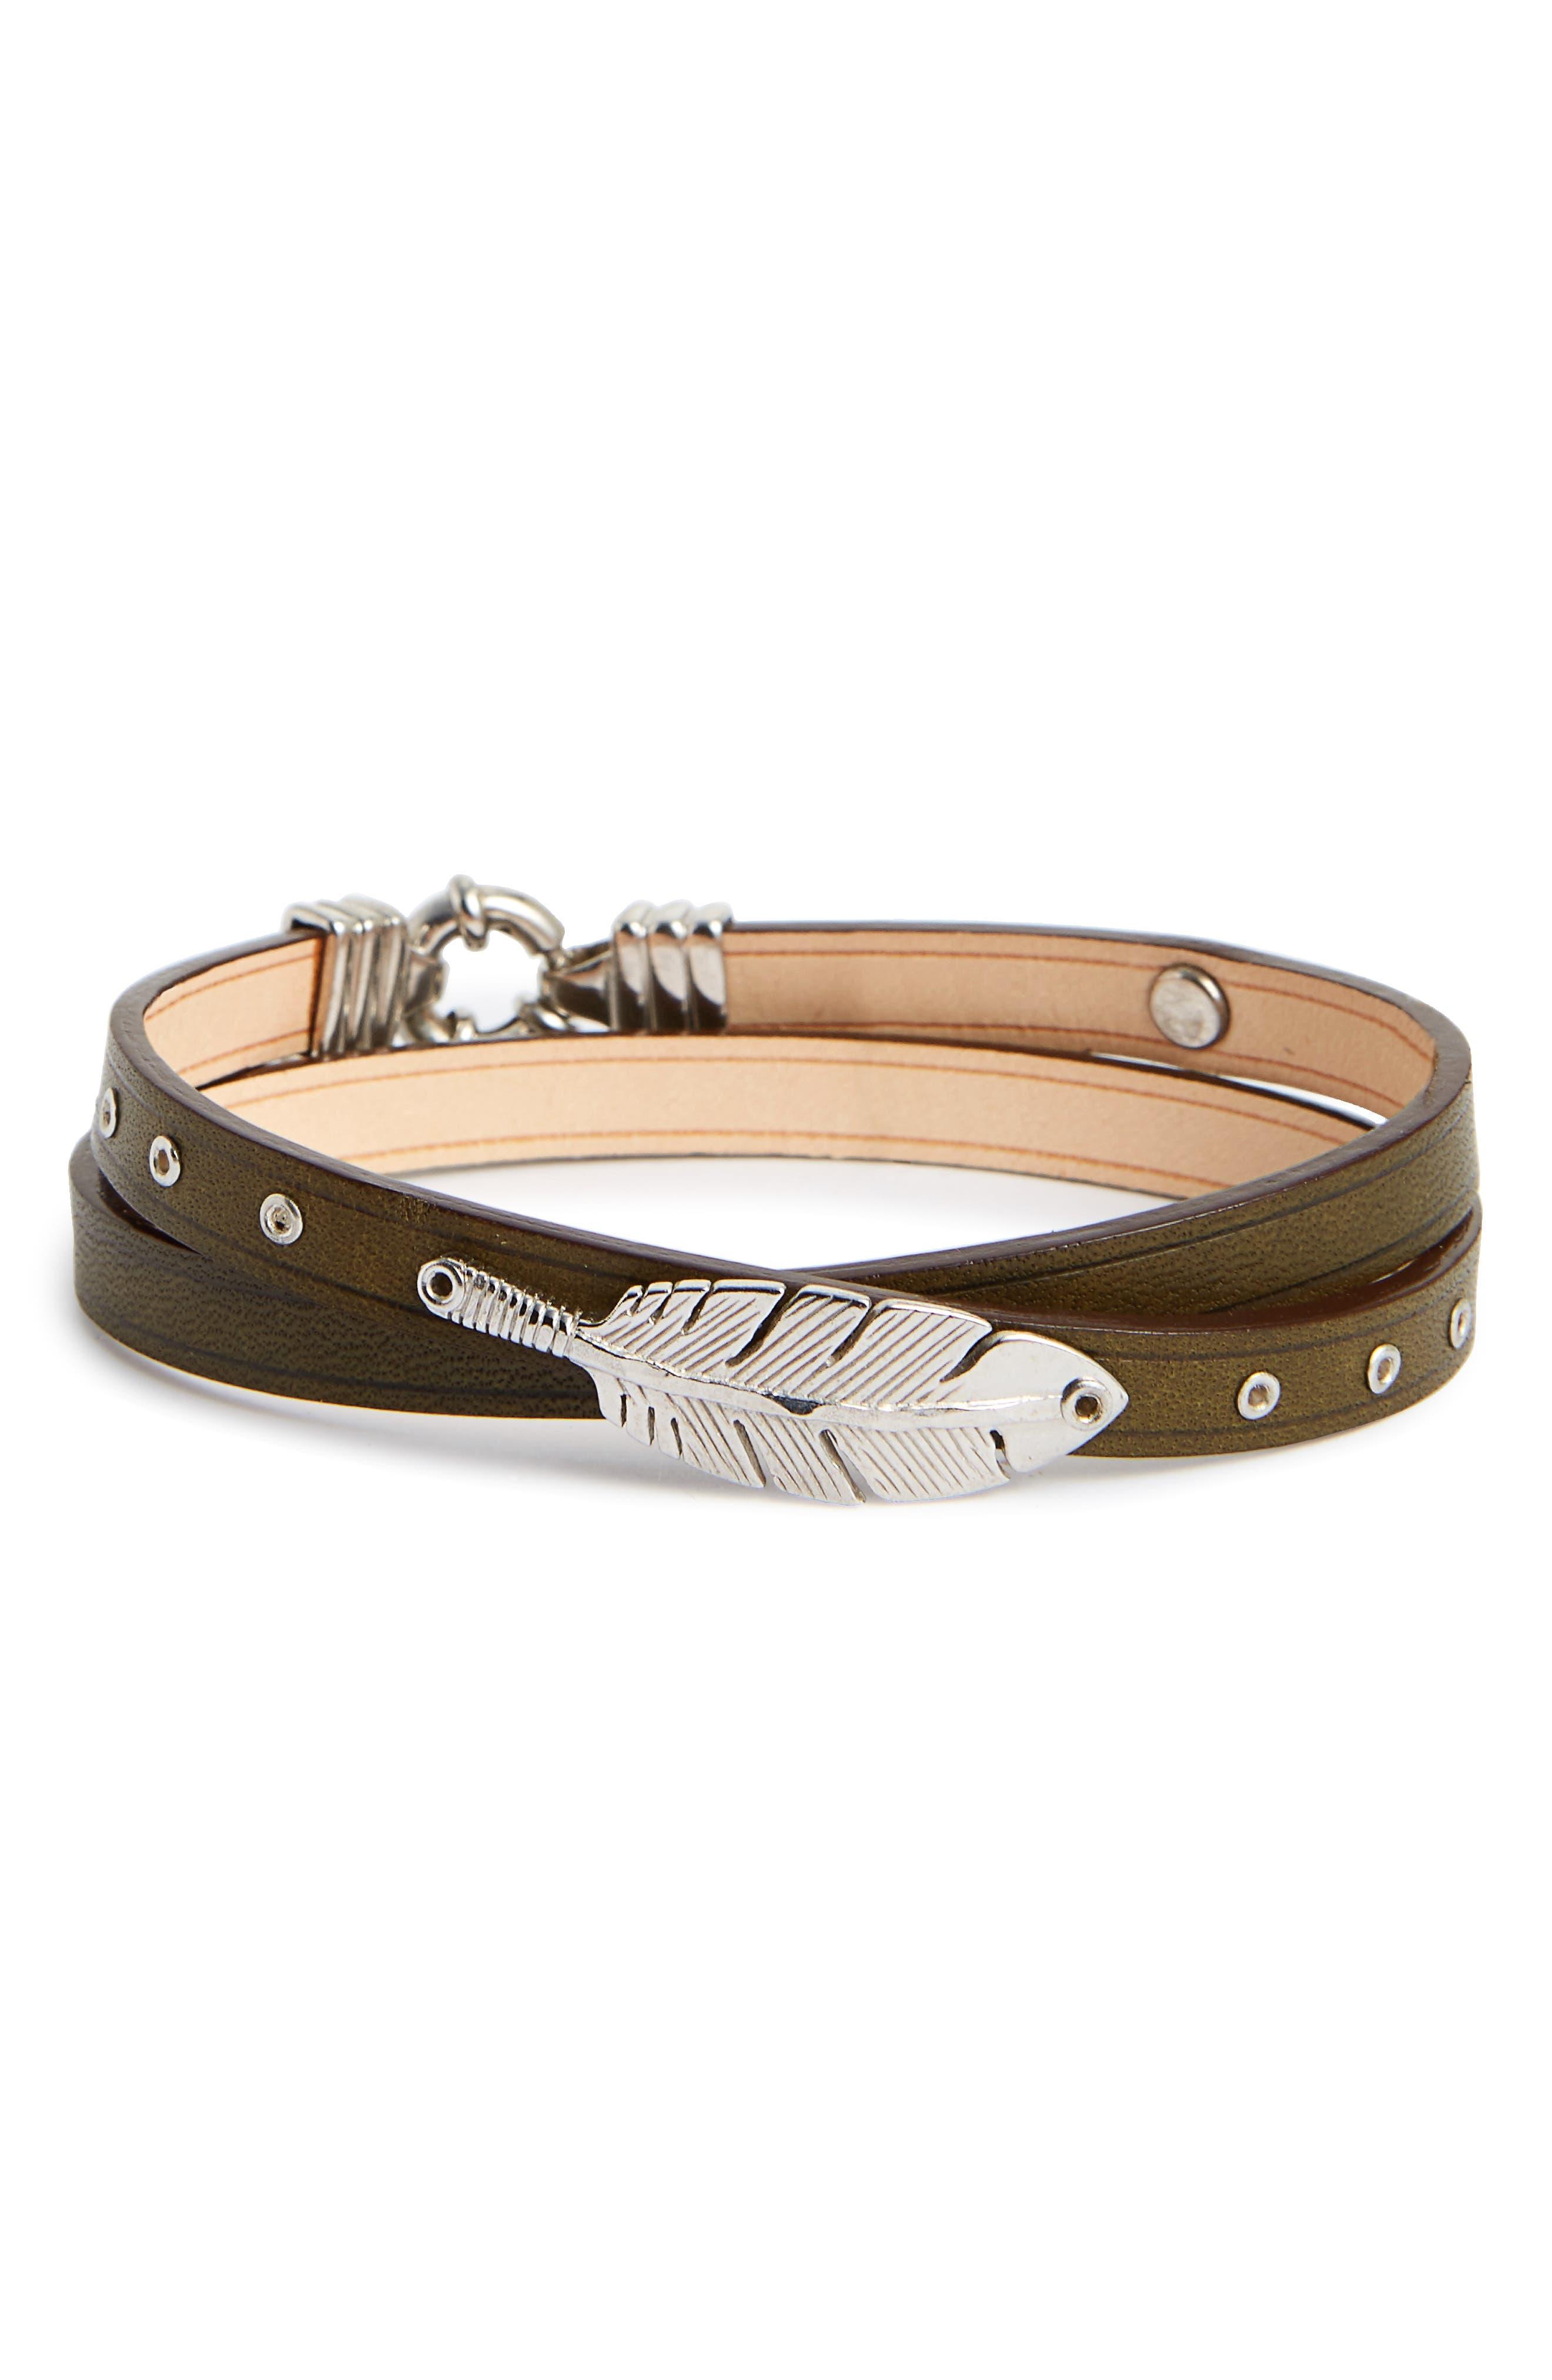 Penna Leather Wrap Bracelet,                             Main thumbnail 1, color,